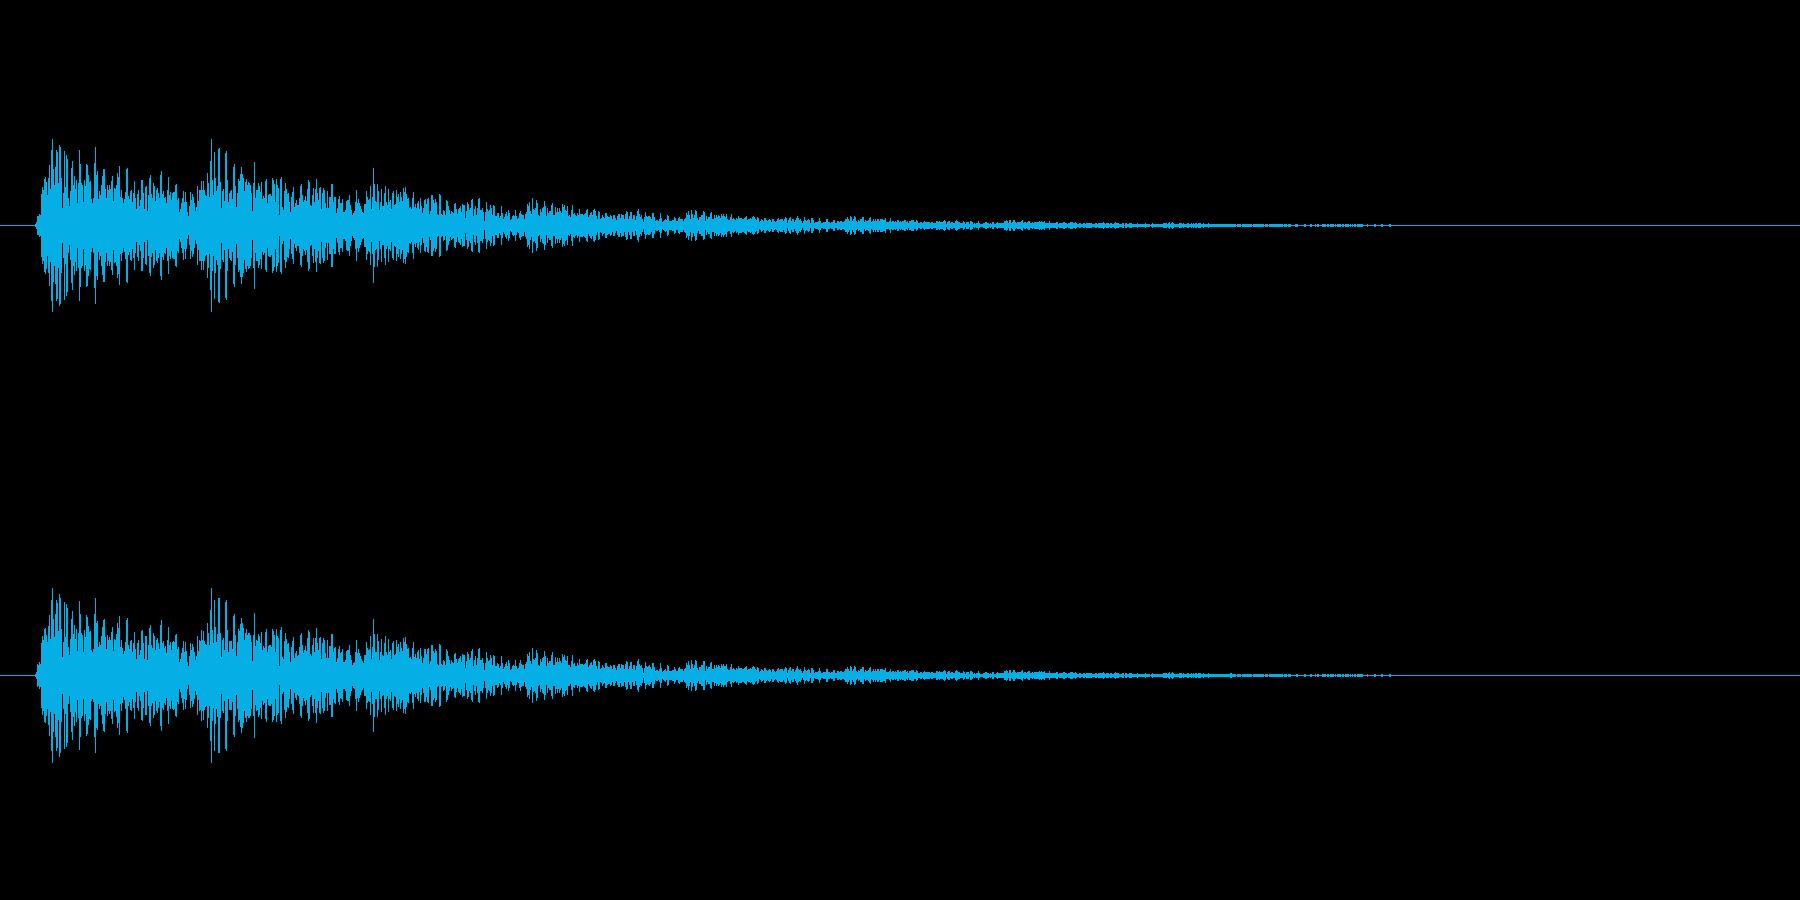 【ネガティブ05-2】の再生済みの波形